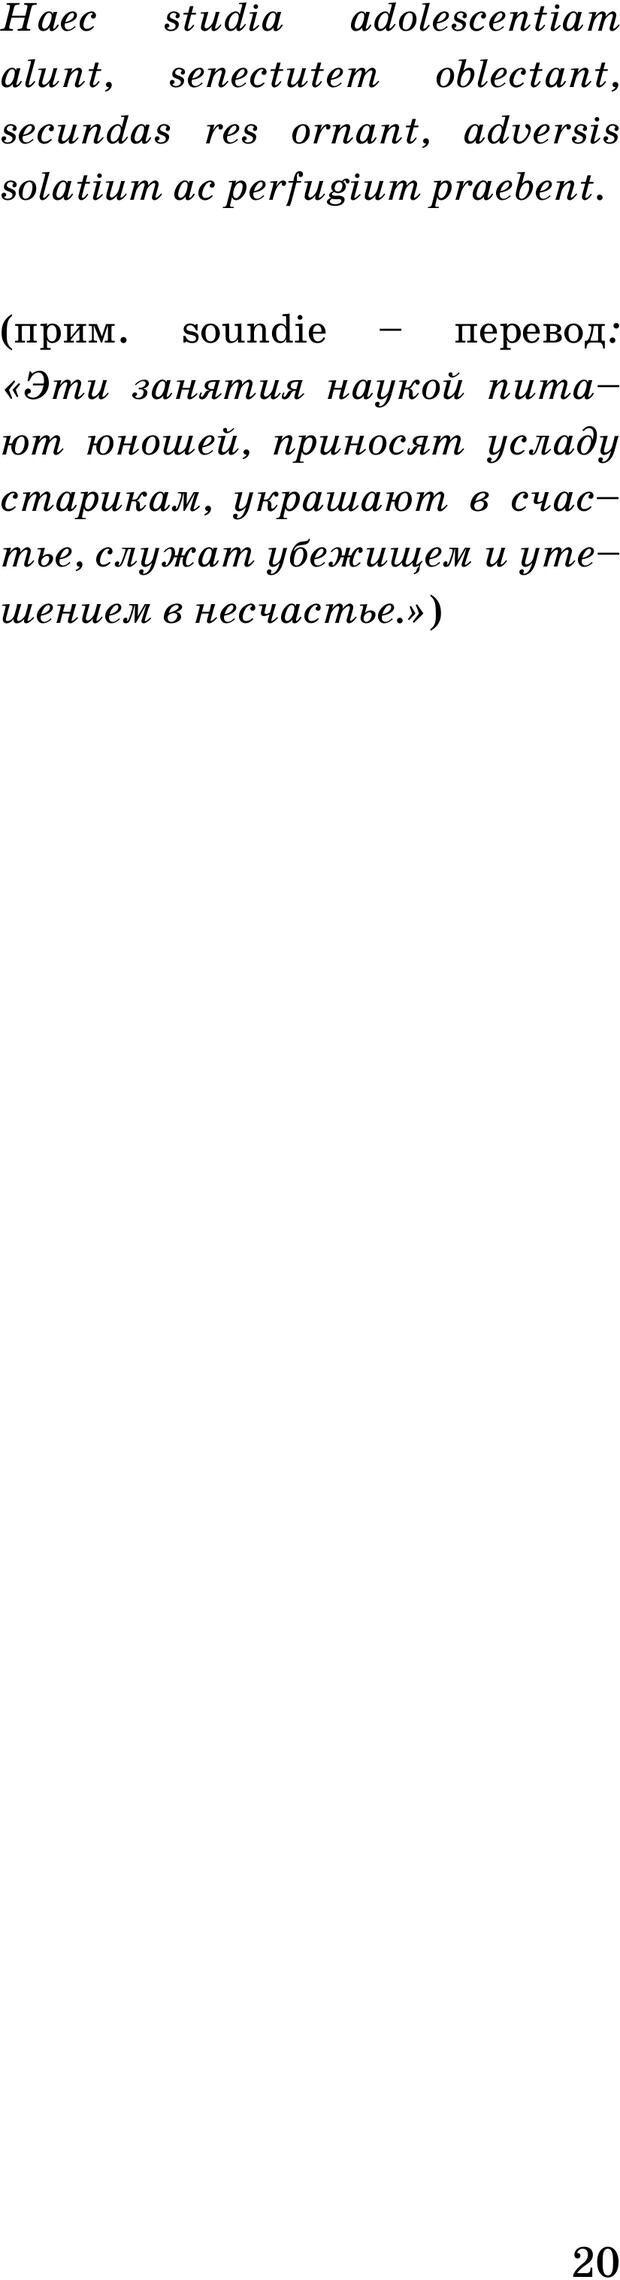 PDF. Русская Модель Эффективного Соблазнения. Мастерский курс. Богачев Ф. О. Страница 17. Читать онлайн